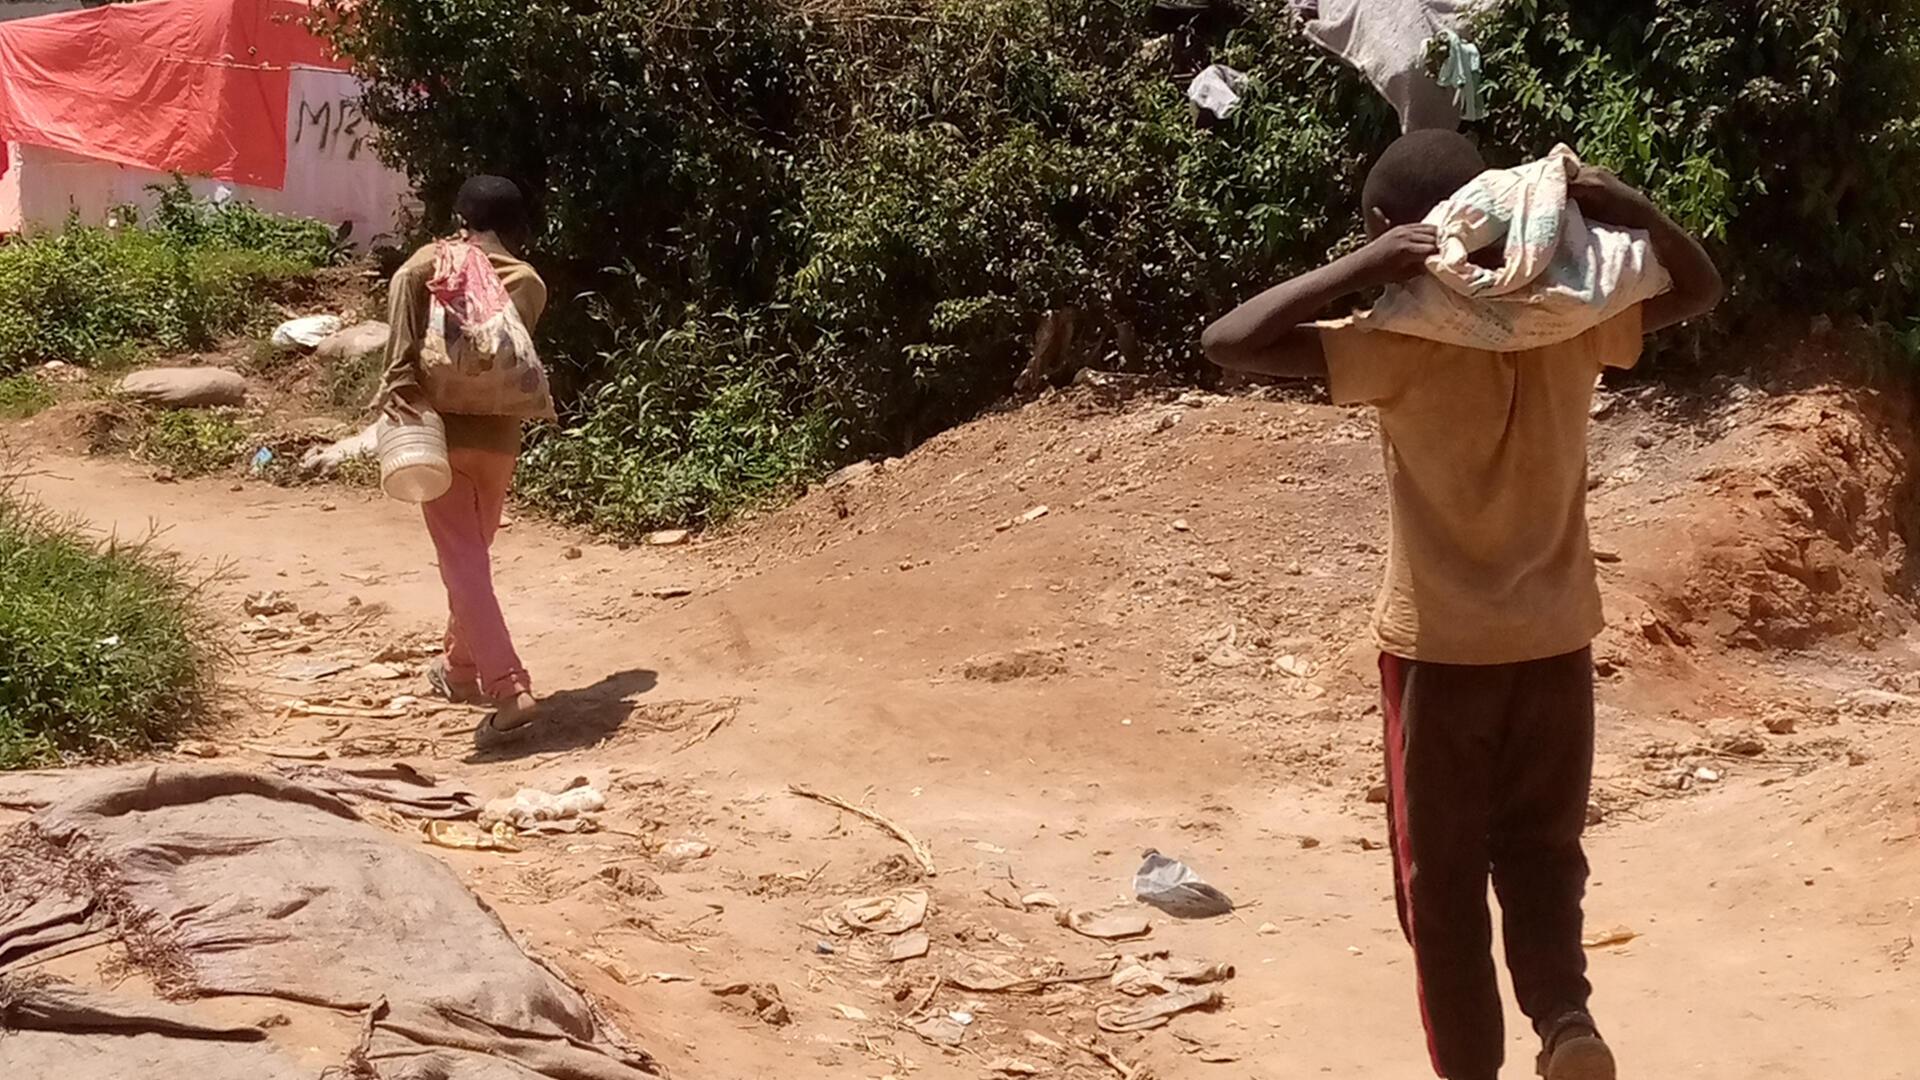 RDC - Travail des enfants - Mines - IMG_20210311_133935_573